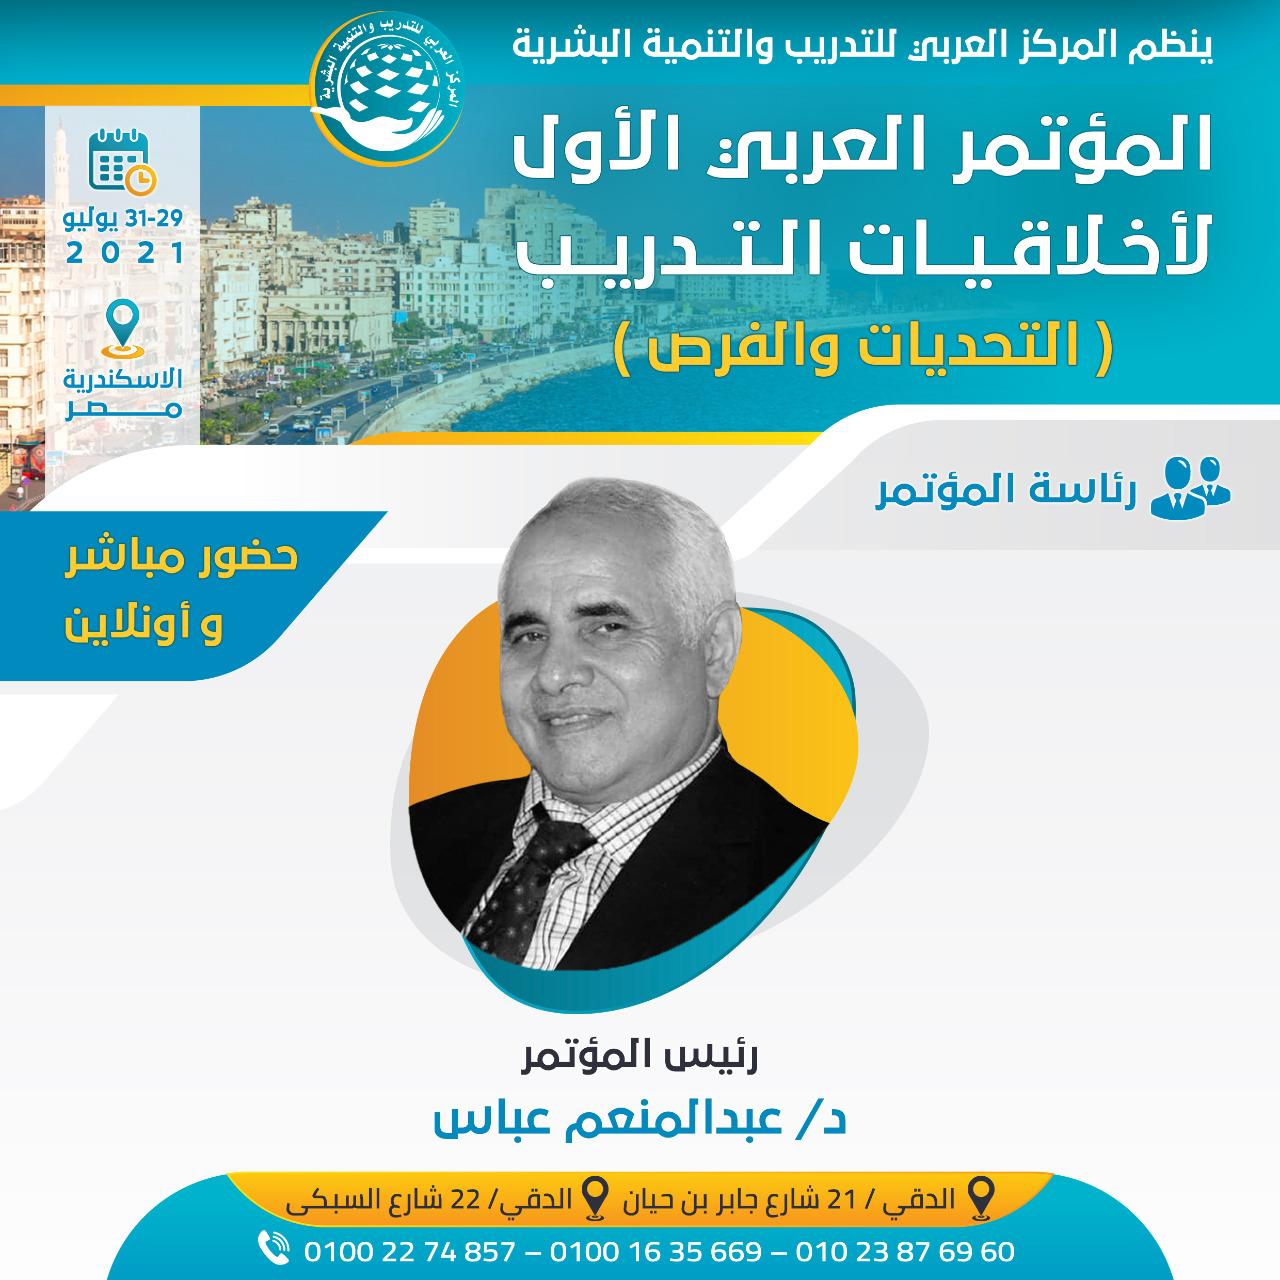 المؤتمر العربي الأول لأخلاقيات التدريب